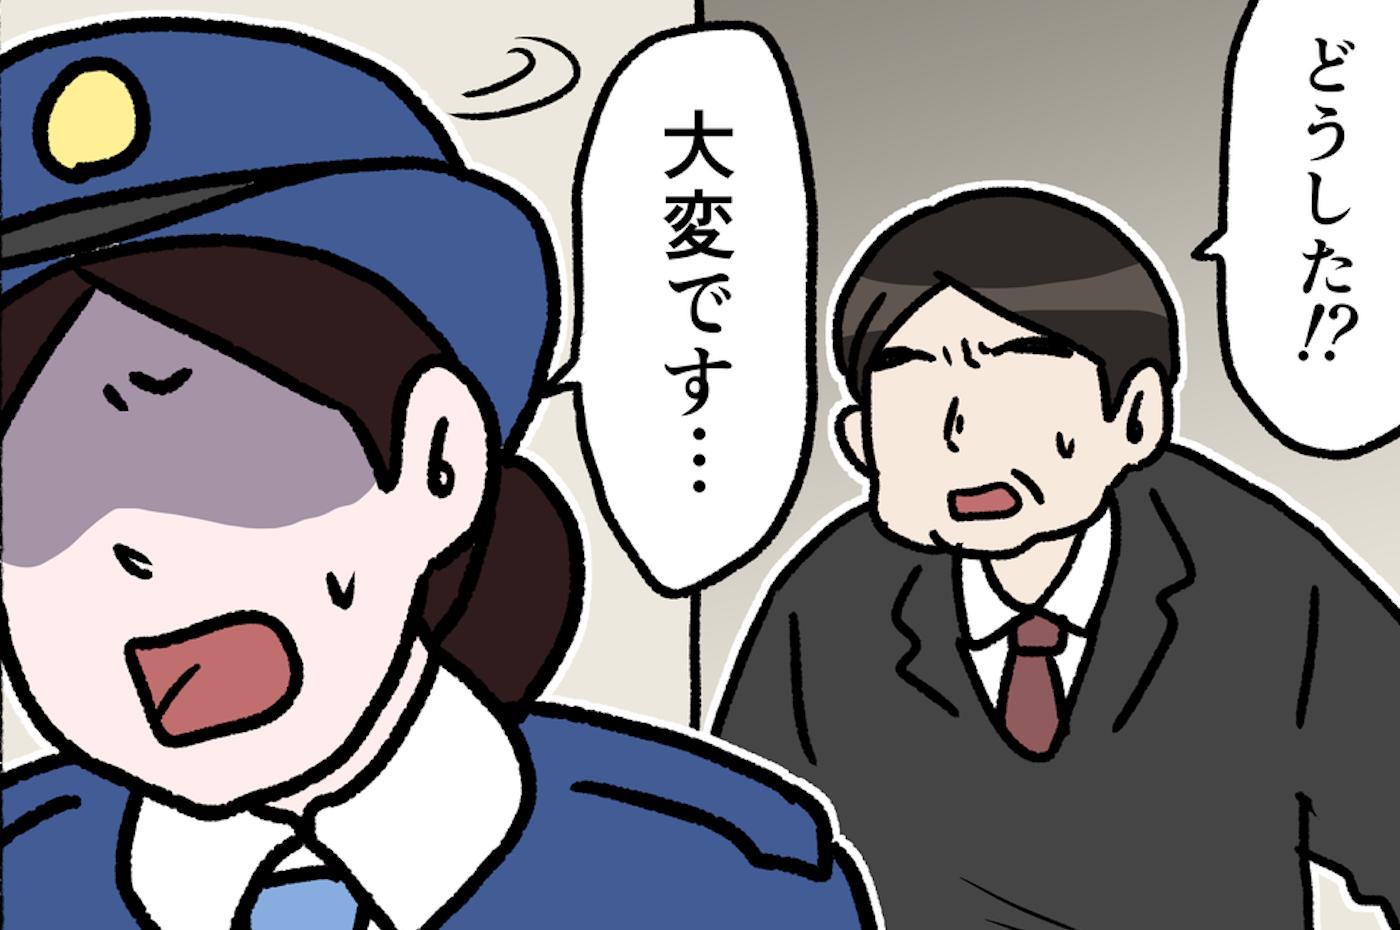 警察署から母が逃亡! 警察官を振り切り抵抗するけれど…